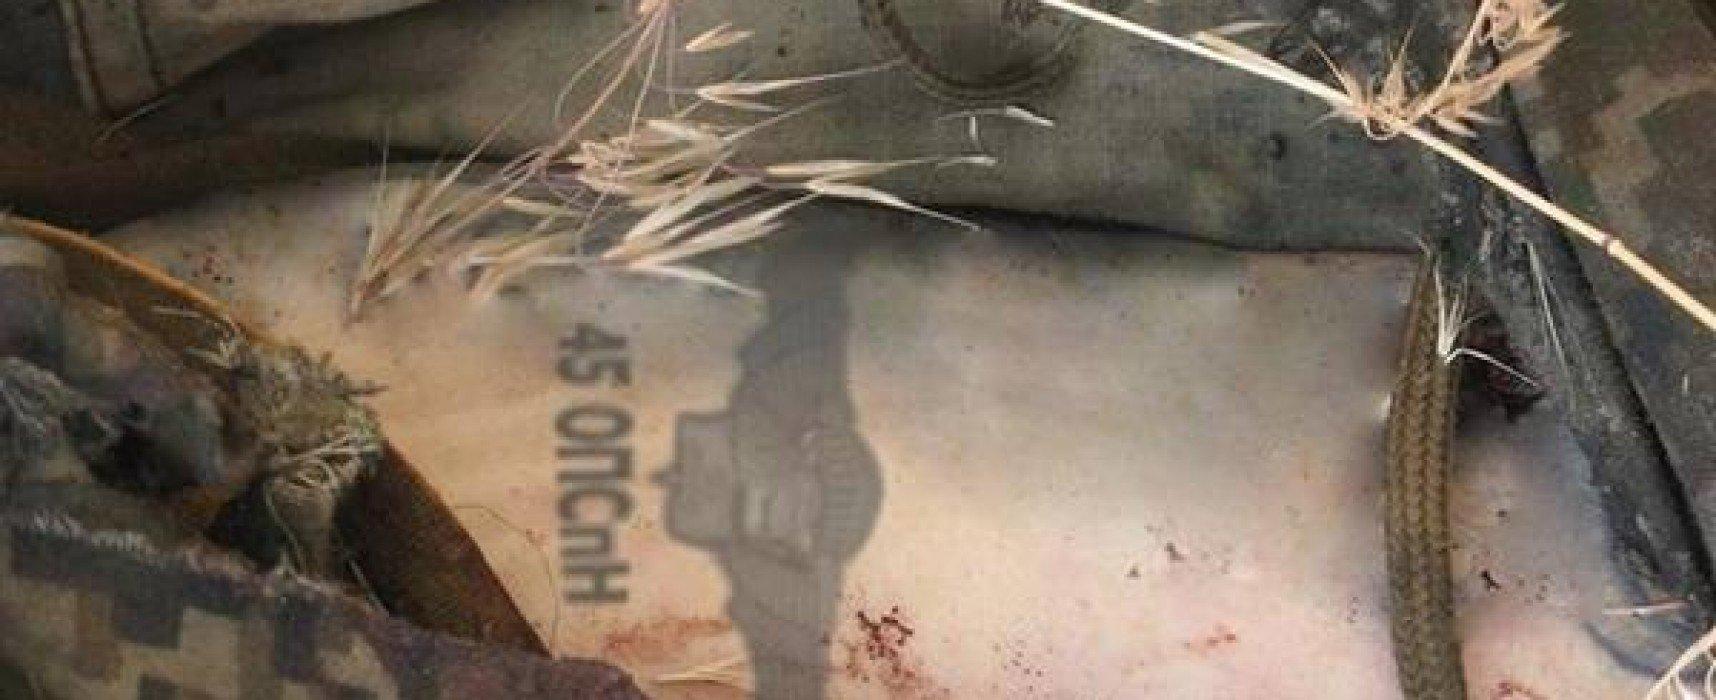 Украинские СМИ опубликовали «отфотошопленную» фотографию российского военного